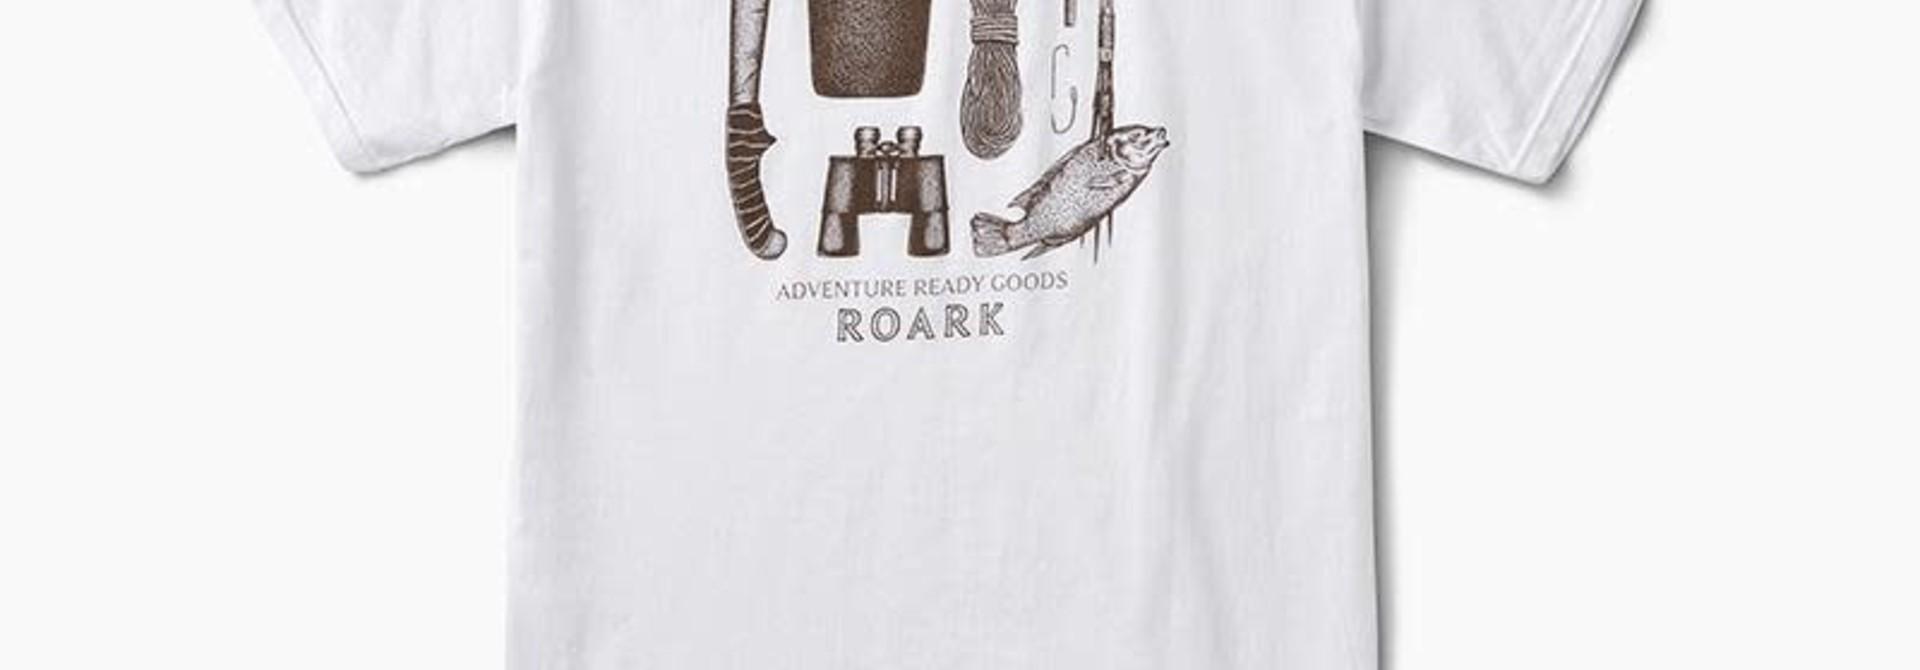 Roark Survival Kit